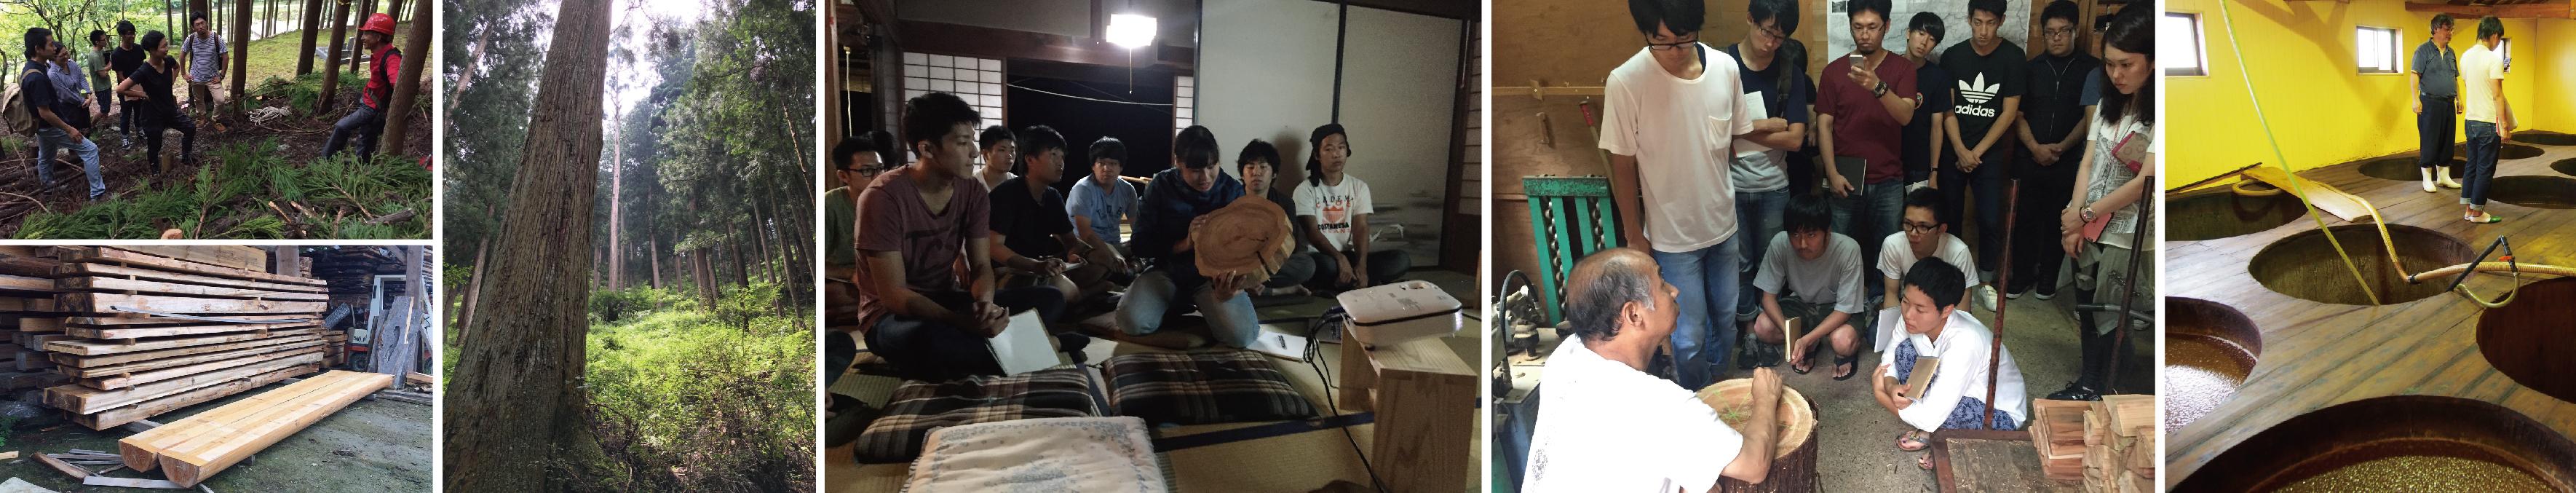 Case 05:奈良県川上村の住民の方々と関わるブートキャンプ